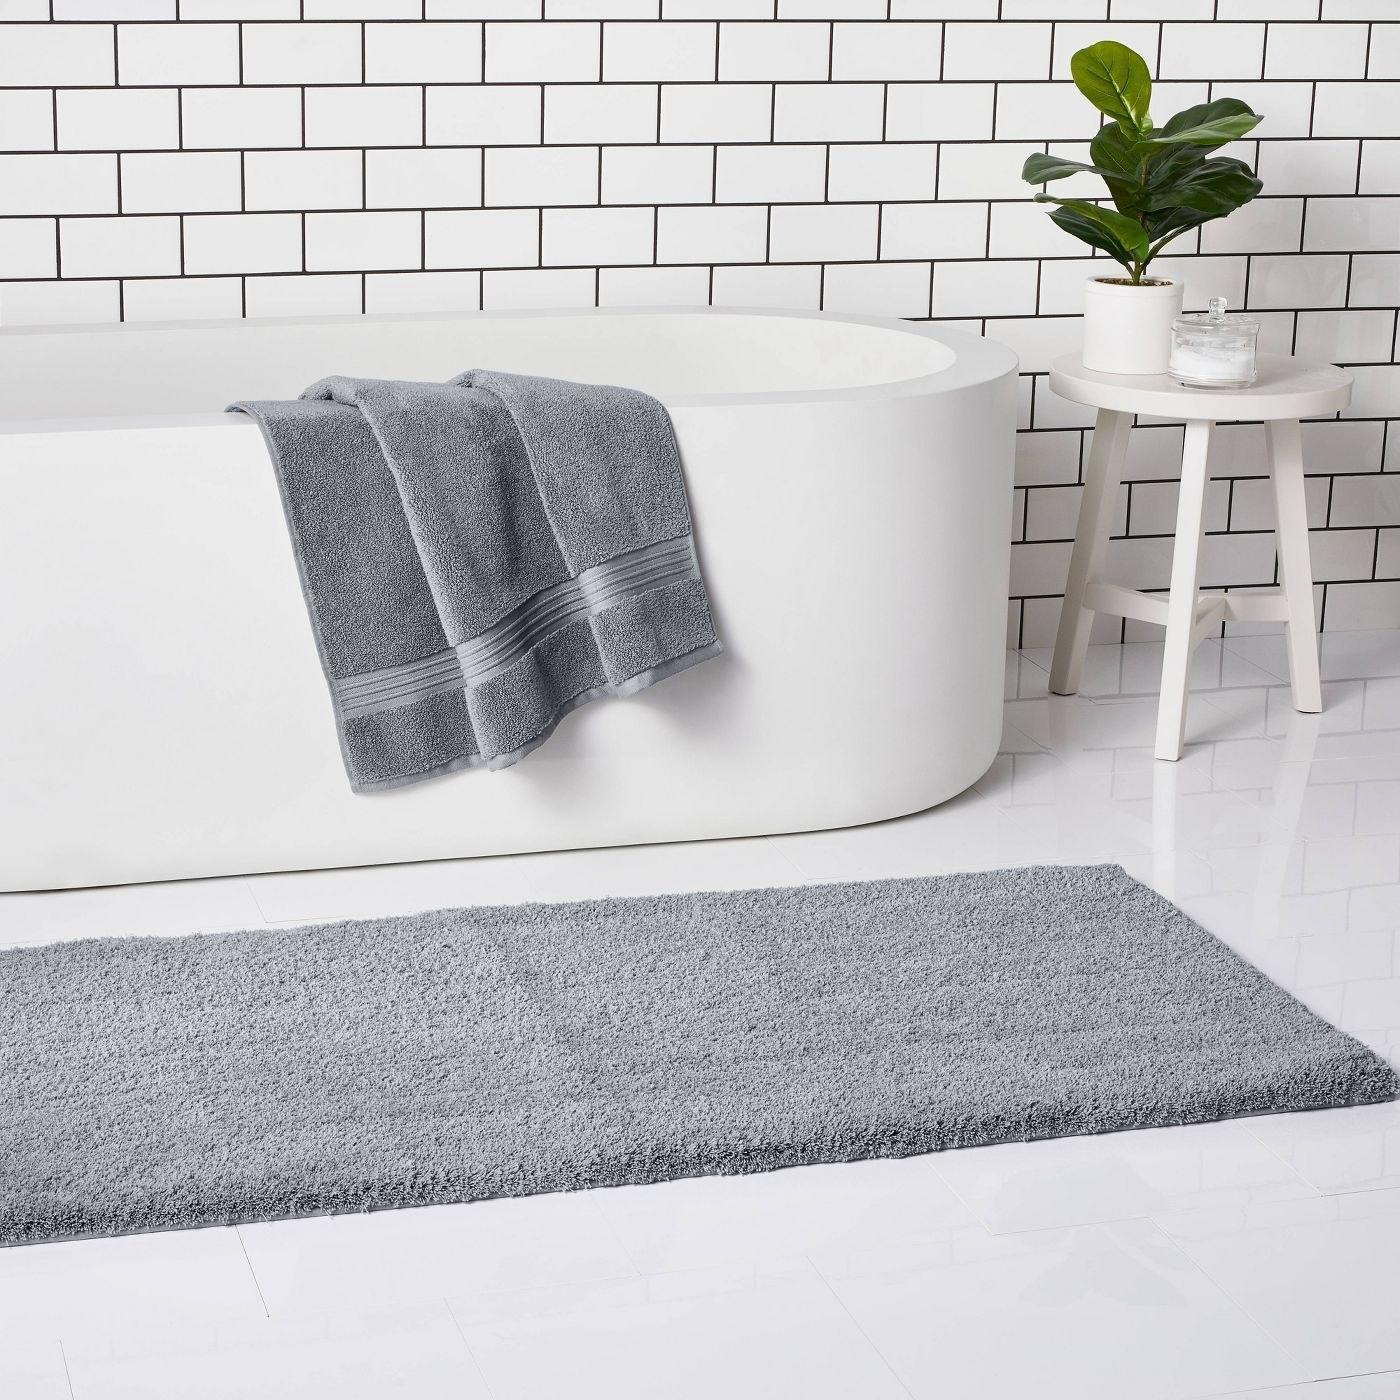 A grey bath rug in outside a bathtub